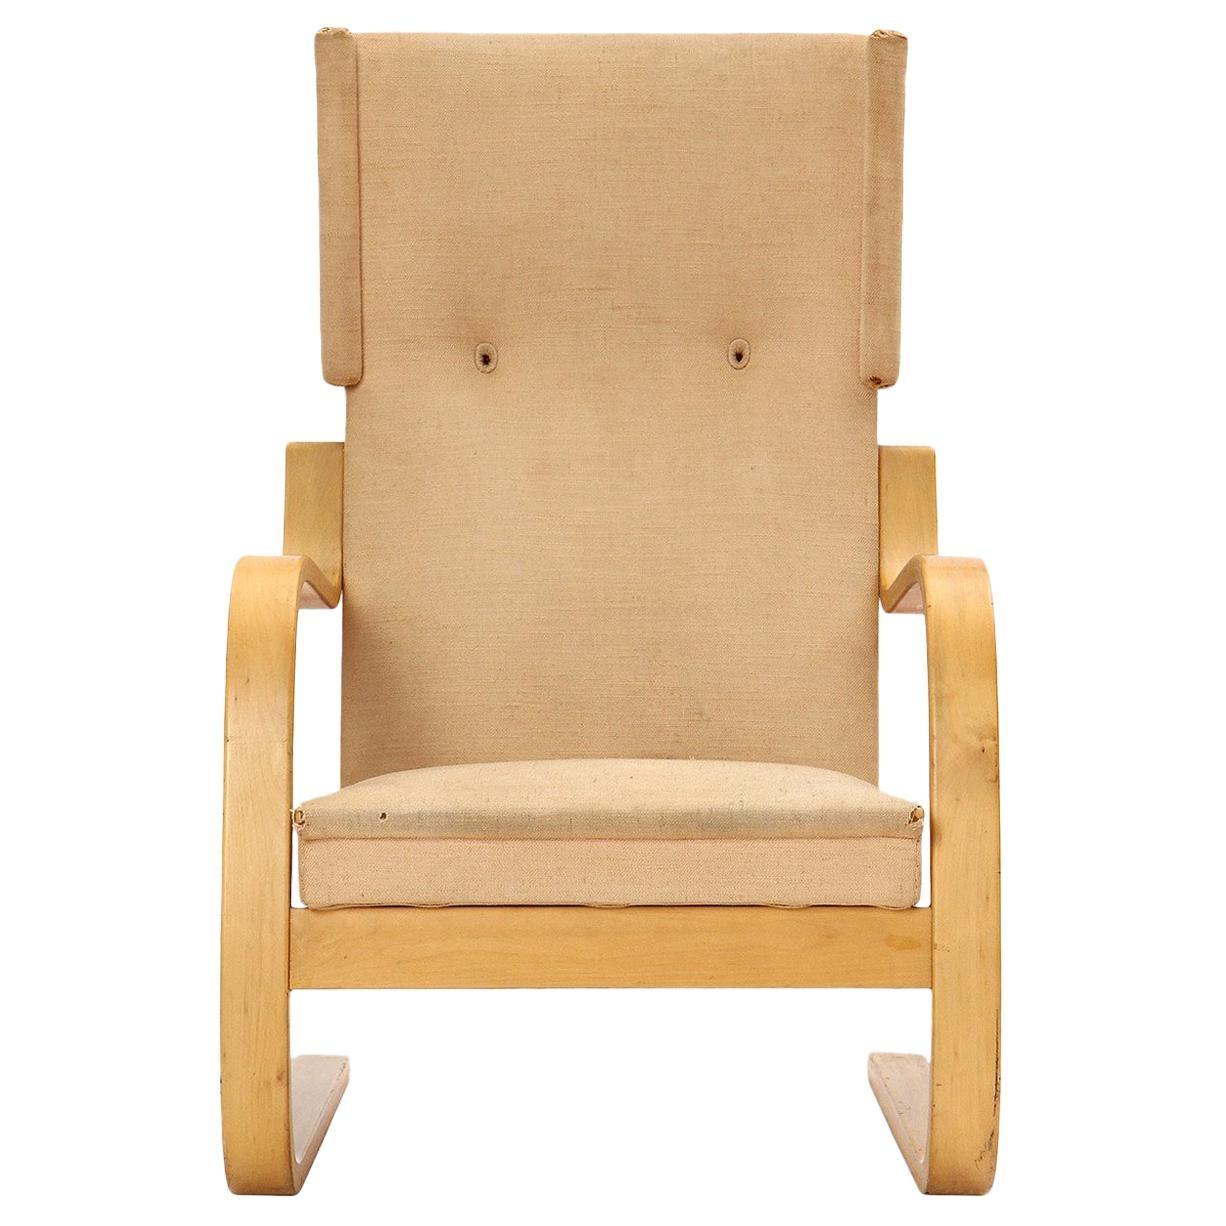 Birch Wingback Lounge Chair by Alvar Aalto for Artek